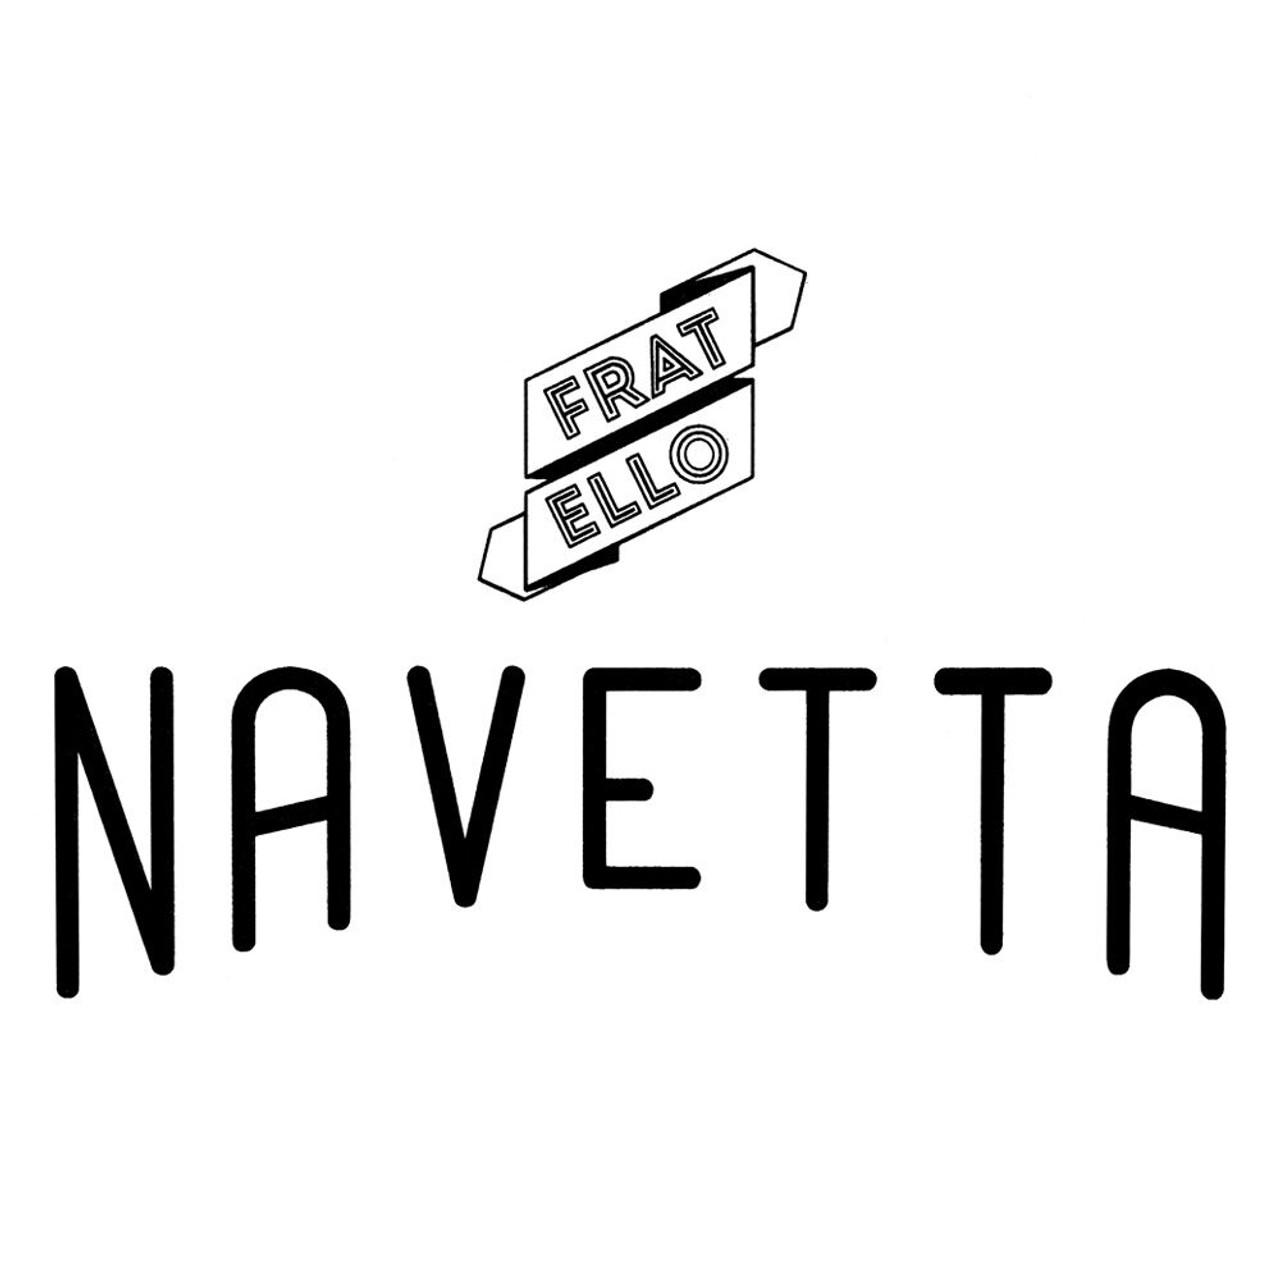 Fratello Navetta Inverso Toro Grande Cigars - 6.25 x 54 (Box of 20)